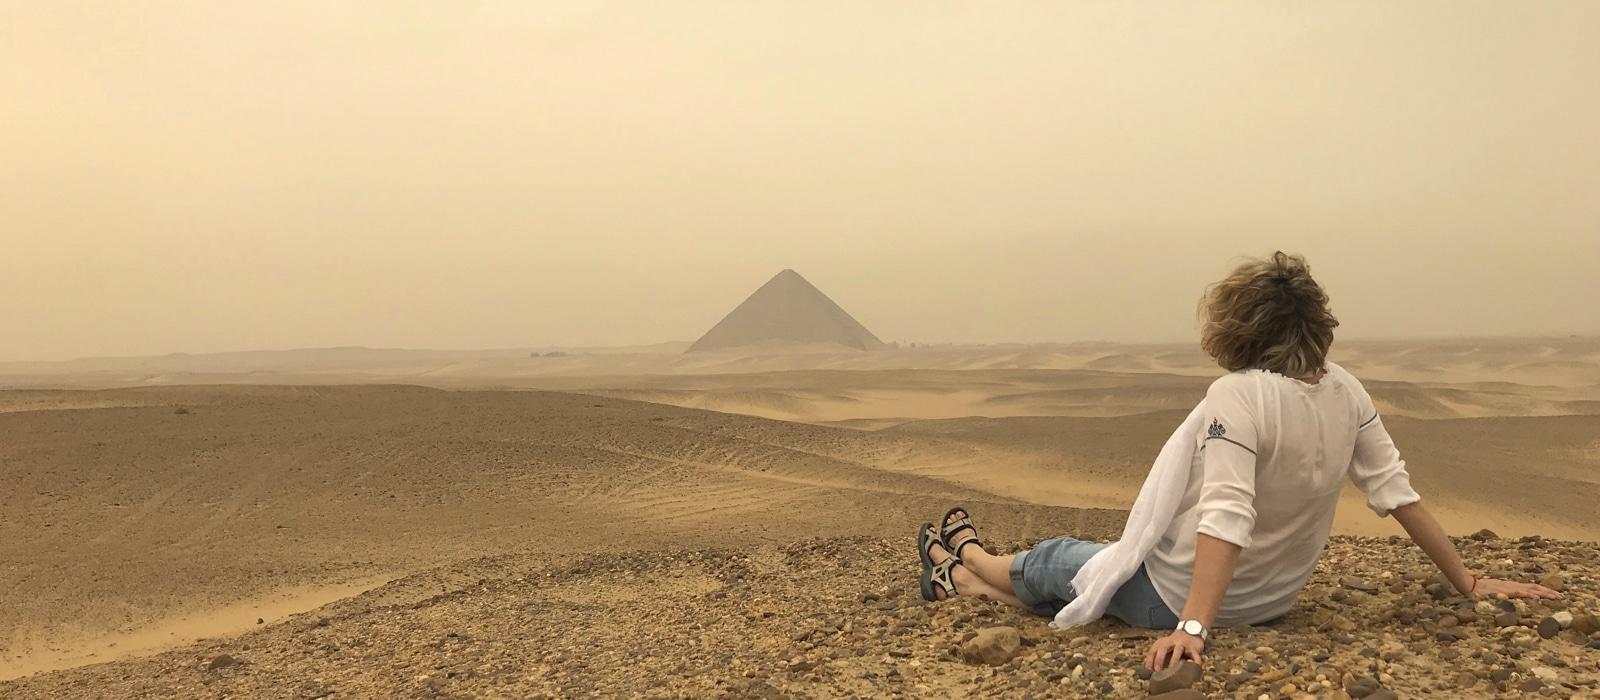 Pyramides de Gizeh, Égypte - les Routes du Monde